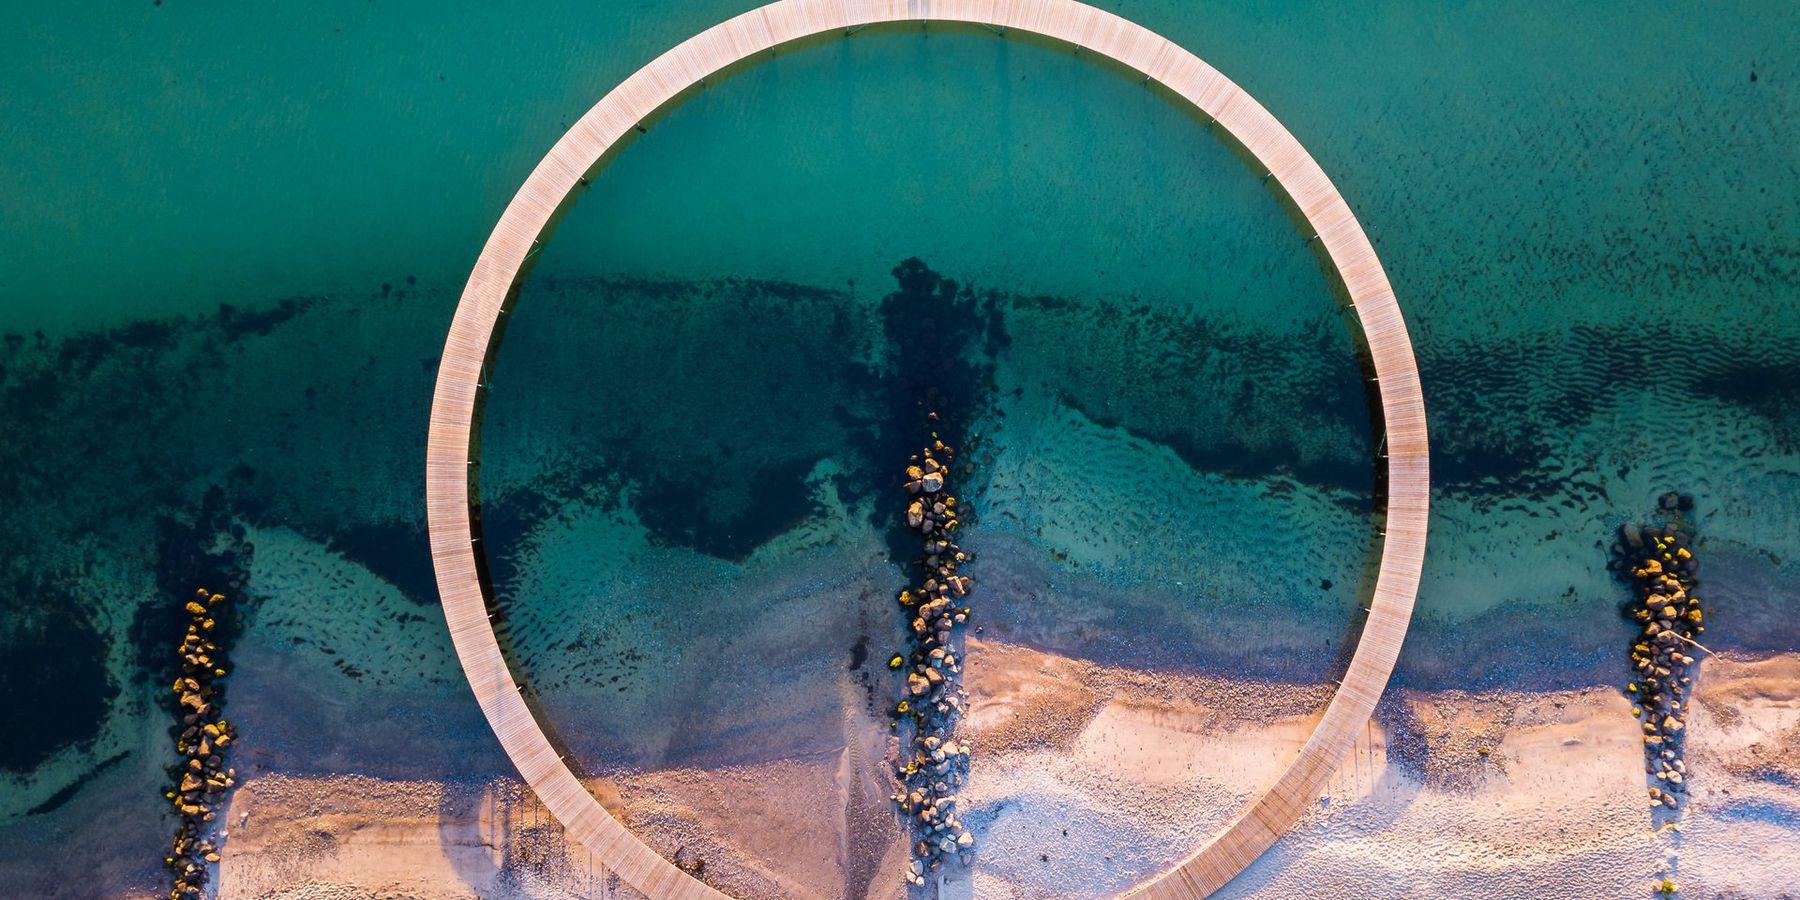 The Infinite Bridge (Den Uendelige Bro),  Aarhus - Doets Reizen - © Dennis Borup Jakobsen